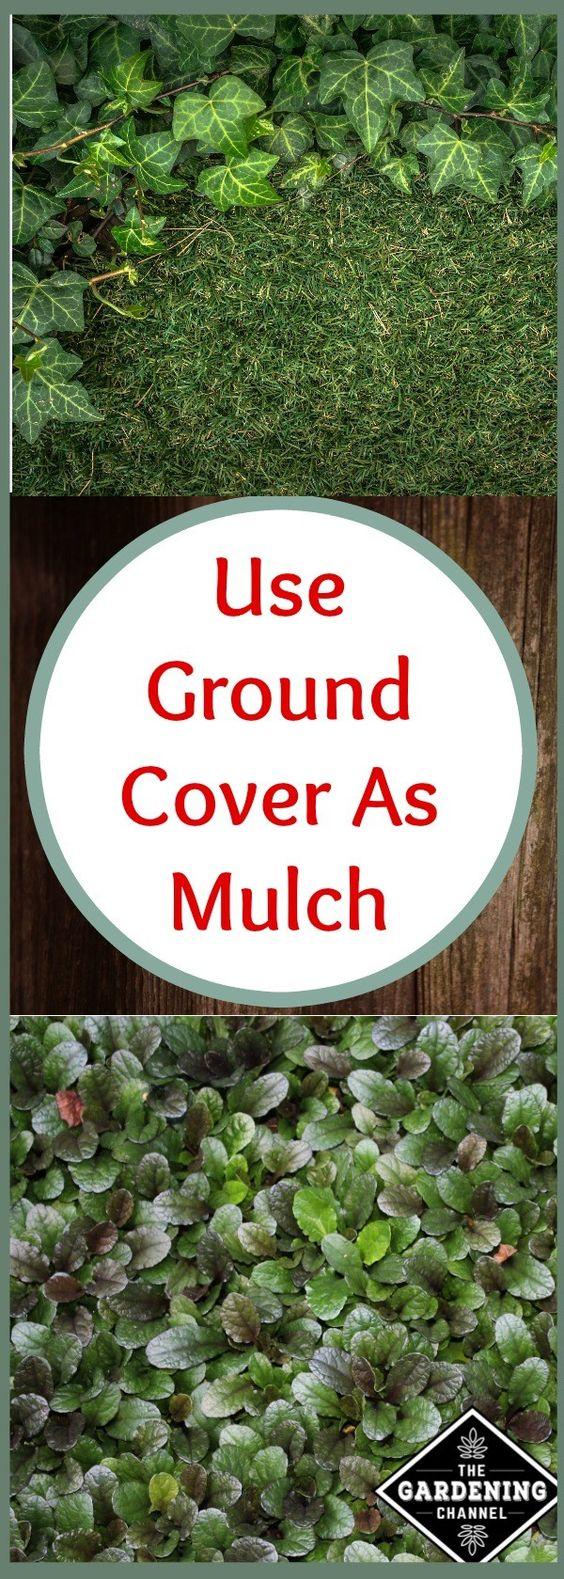 为什么要铺地毯?当园地里有一些坚硬的地方可以欣赏风景时,园丁们通常会转向地被植物,如金钱草,四季豆,三叶草,长春花,小茴香和百里香。地面覆盖物的选择是因为它们的耐寒性,扩散自身的倾向性以及对各种条件的耐受性。这些植物会在别人不会的地方生长。但是,...